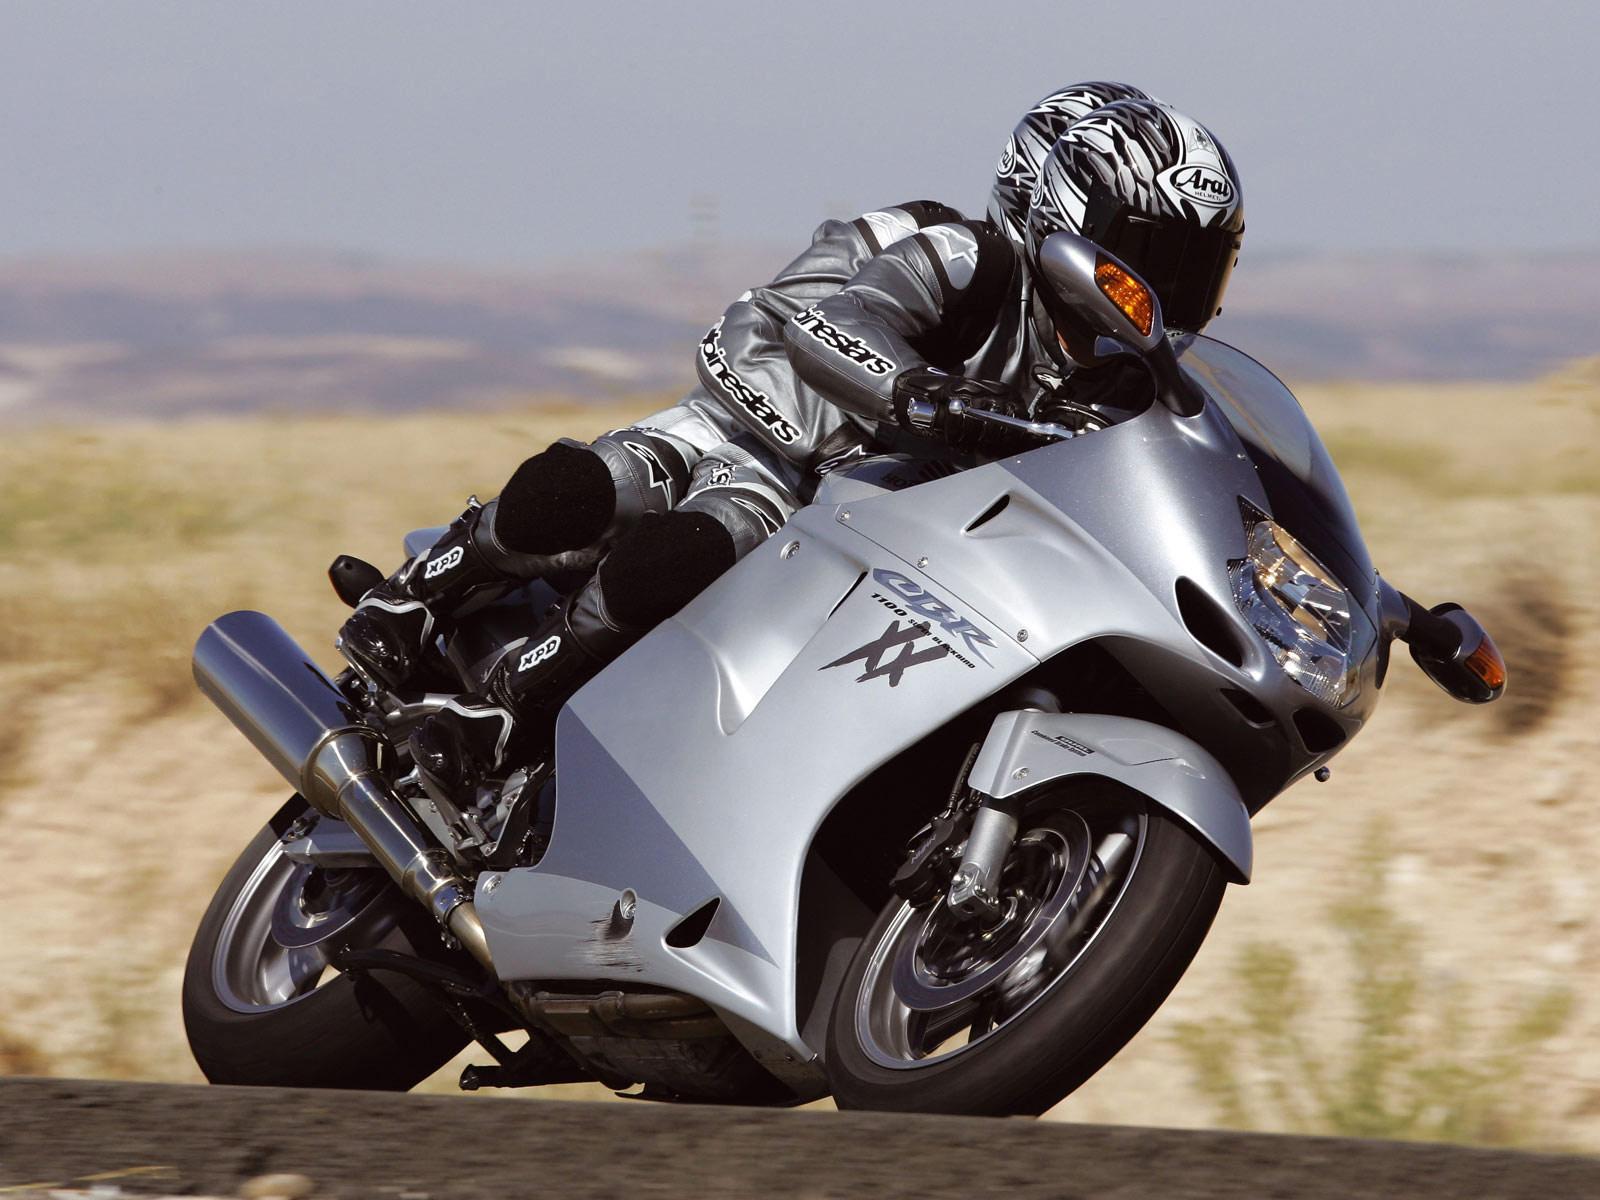 Top 10 Najbrzih Motocikla za 2013 Honda_CBR1100XX_2006_1